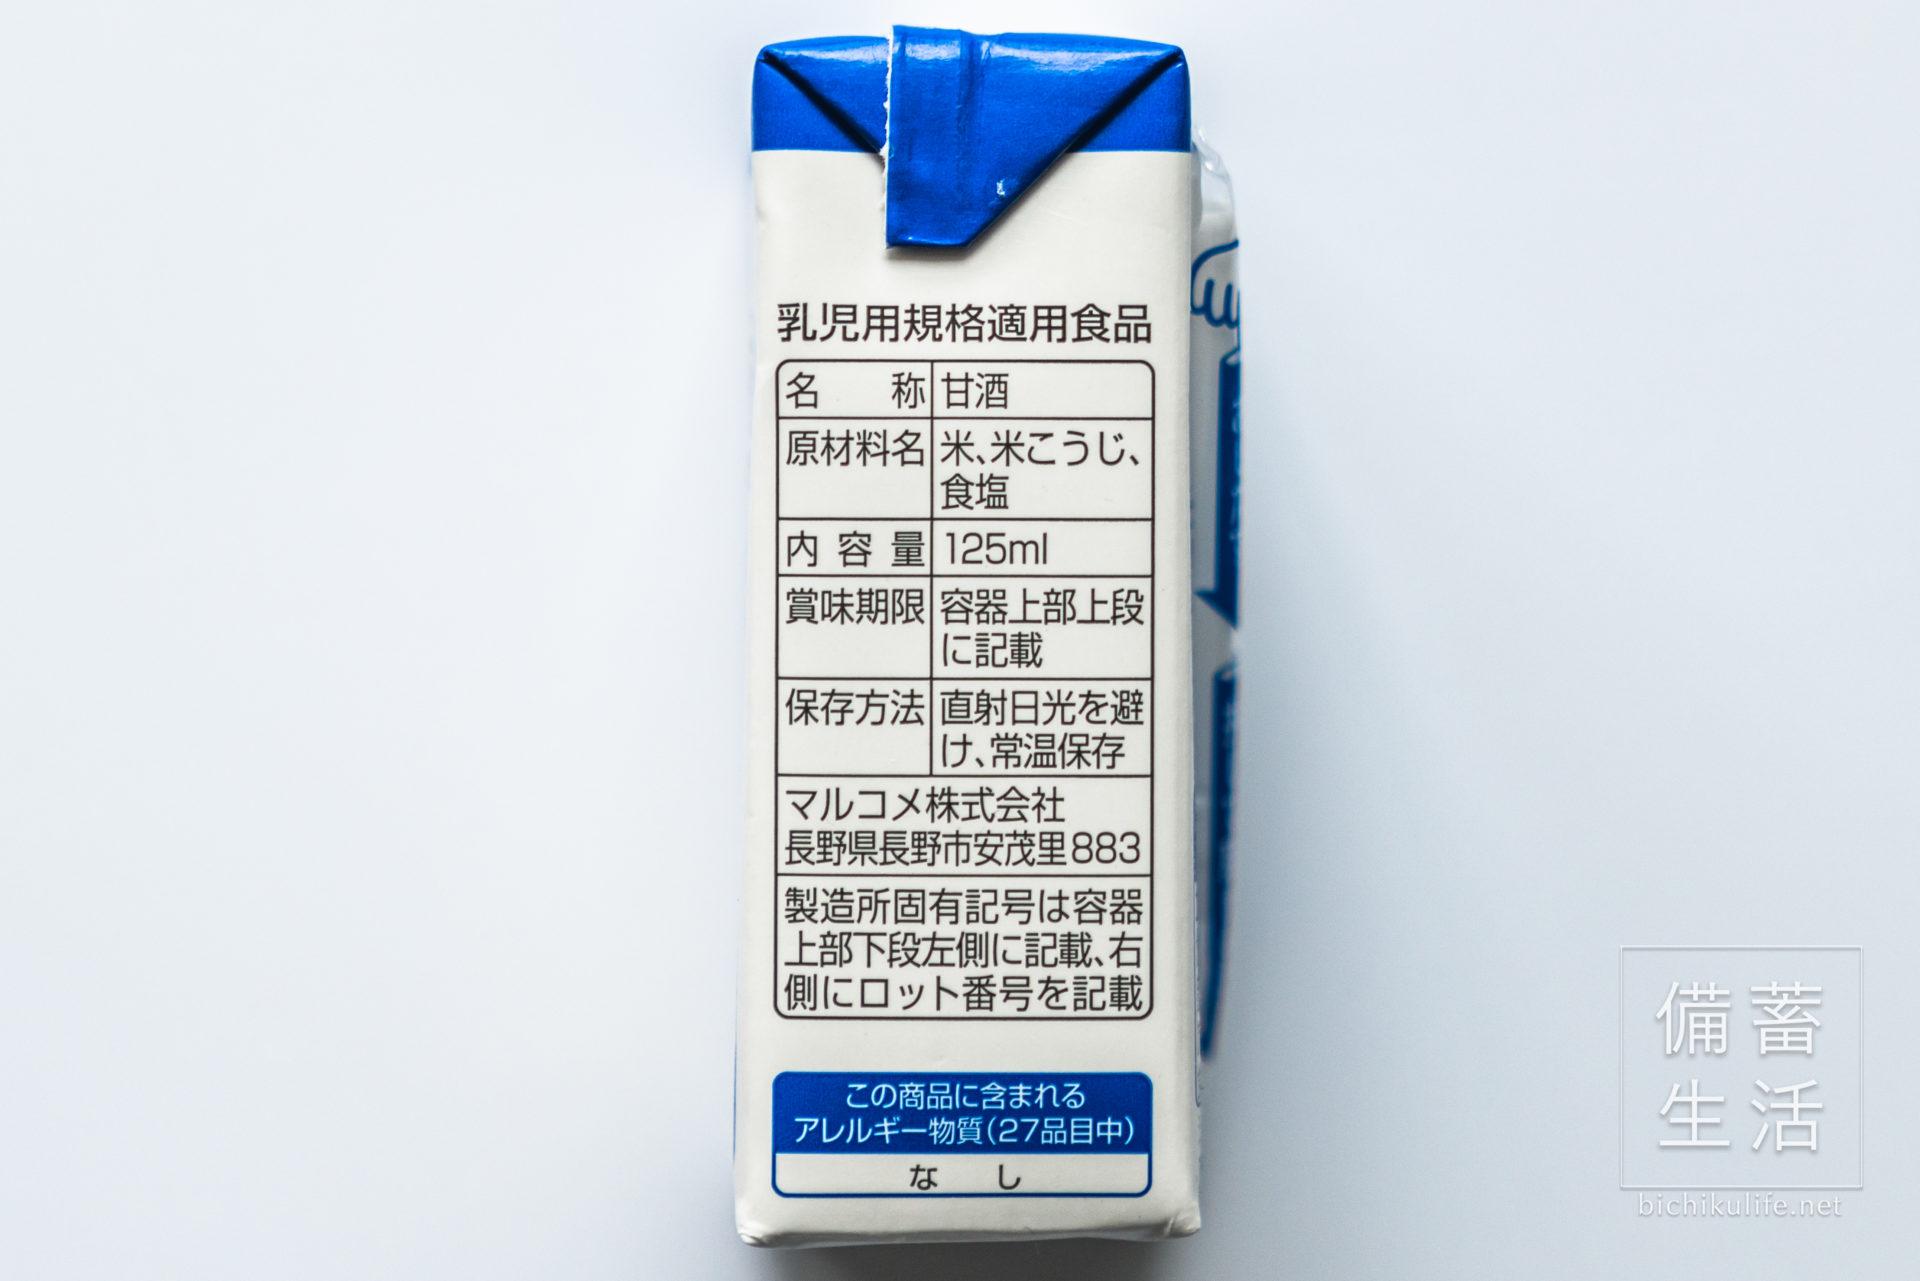 マルコメ 米糀からつくった 糀(こうじ)甘酒の商品概要